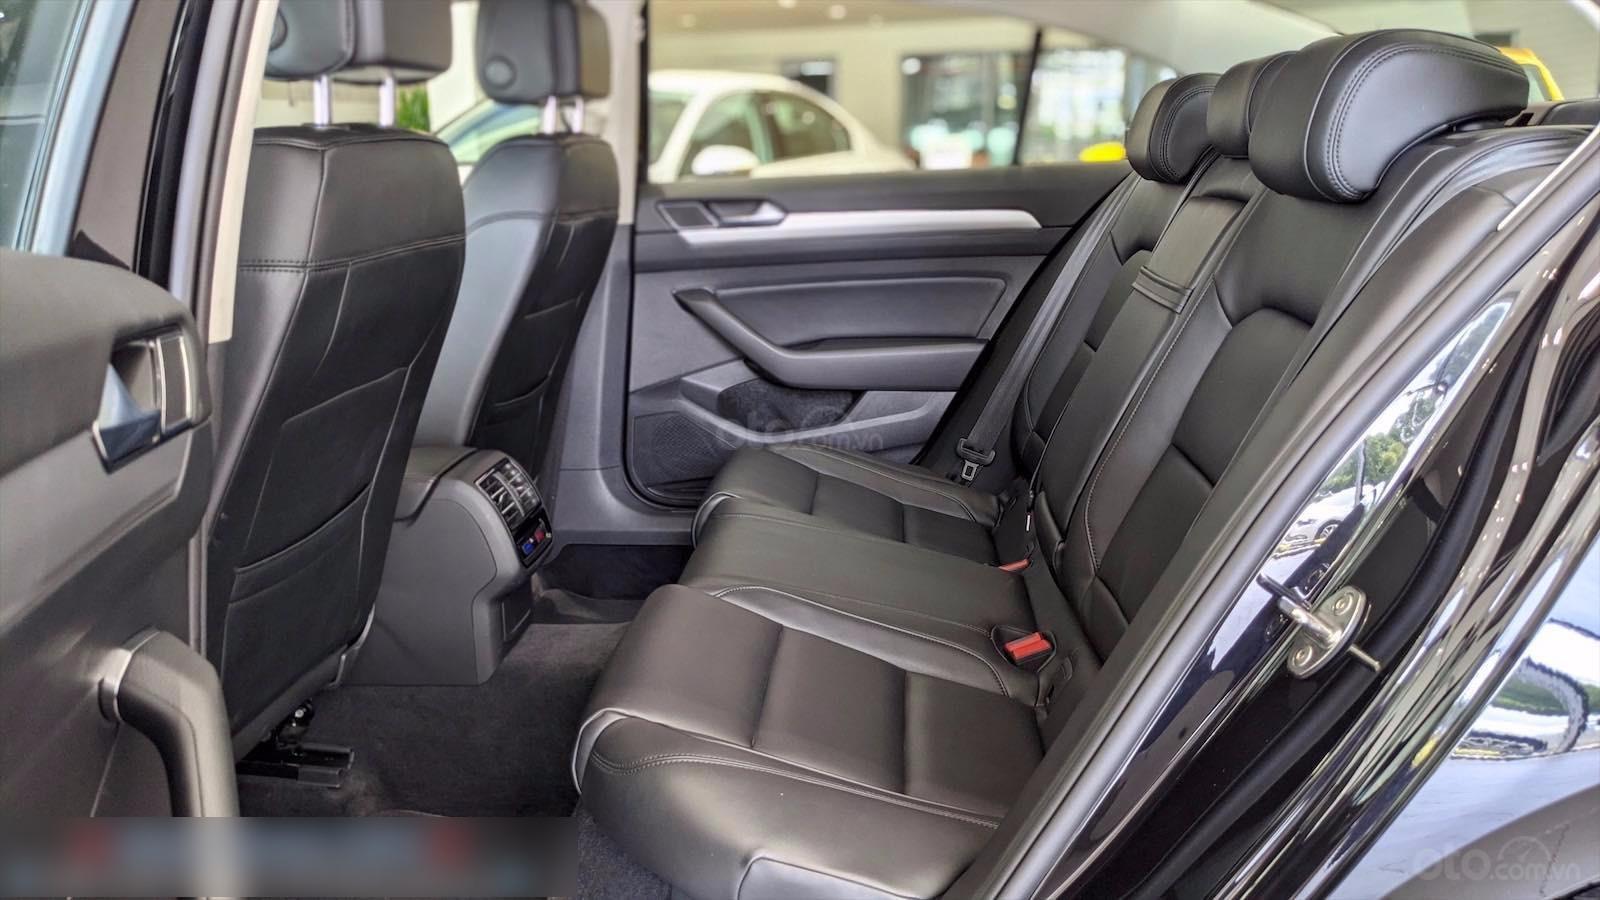 Còn 1 chiếc Passat Bluemotion 2020 màu đen duy nhất - mua xe nhập giá bất ngờ - liên hệ Mr Hùng Lâm VW Sài Gòn (5)